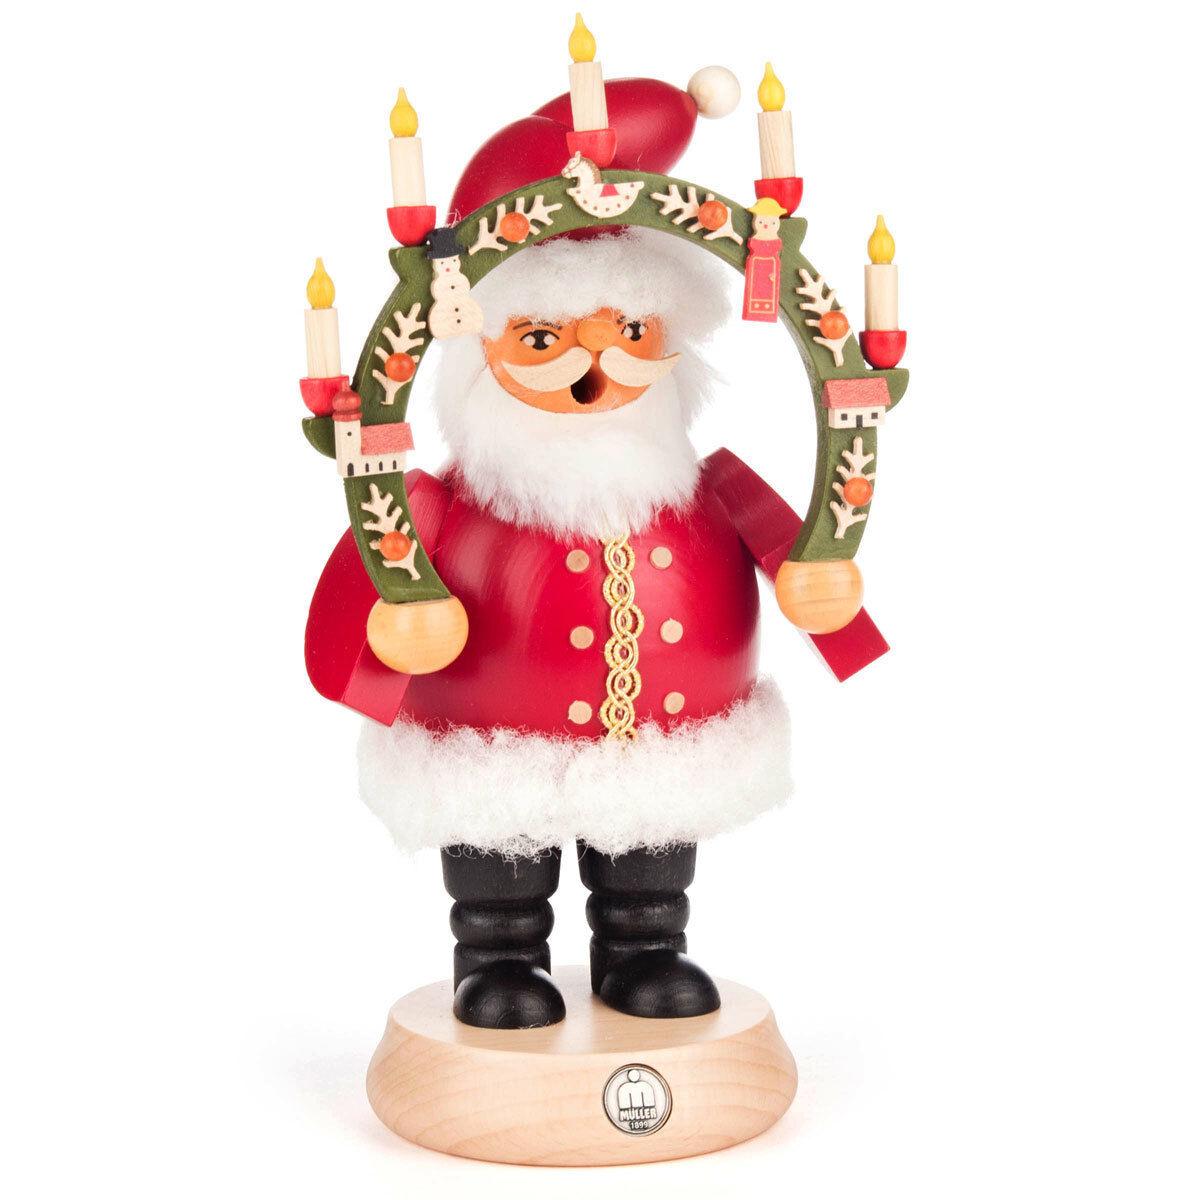 Candle Arch Santa Santa Santa German Smoker SMD146X1239 be1fd1